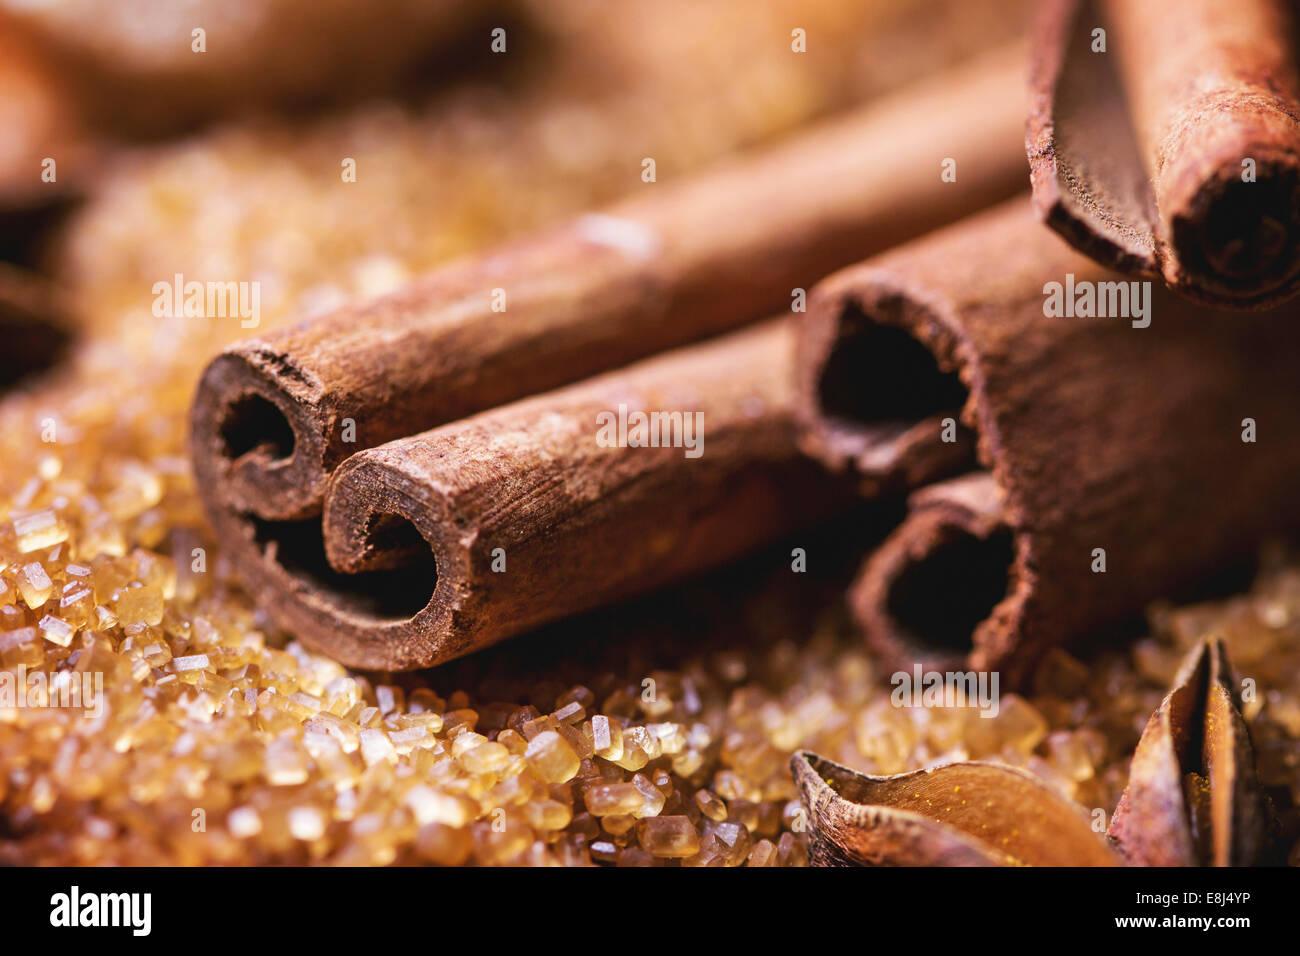 Spezie cannella oltre il mucchio di zucchero di canna. Vedere serie Immagini Stock